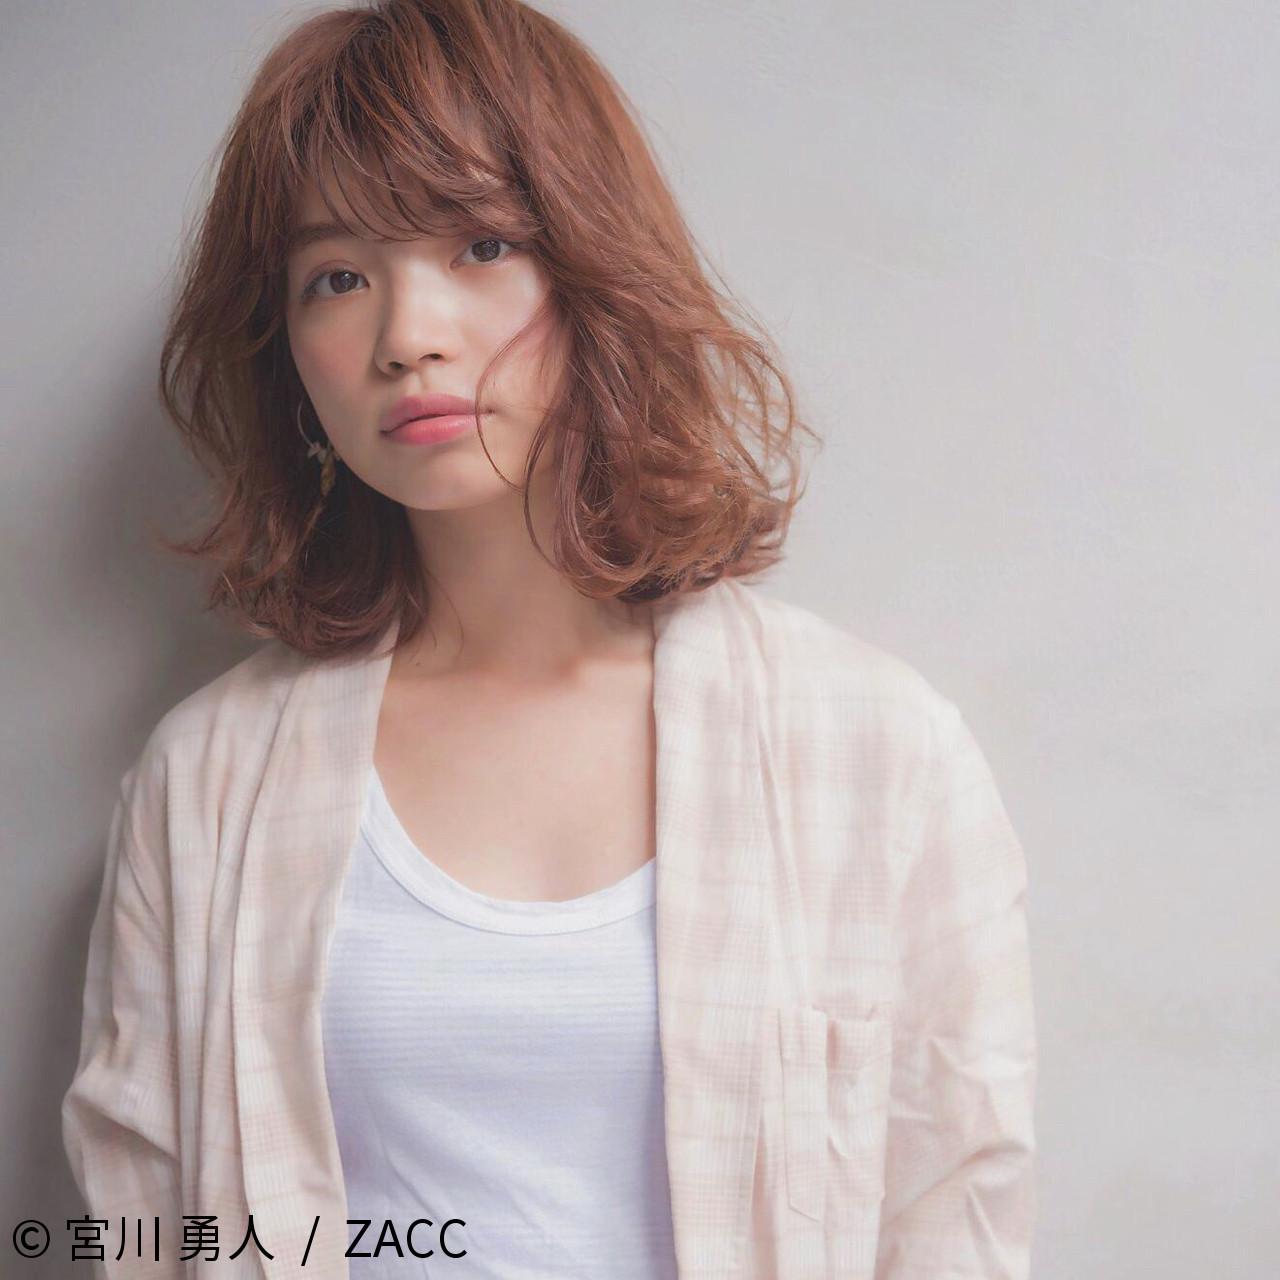 ロブ ナチュラル ボブ 大人かわいい ヘアスタイルや髪型の写真・画像 | 宮川 勇人 / ZACC / ZACC  AO